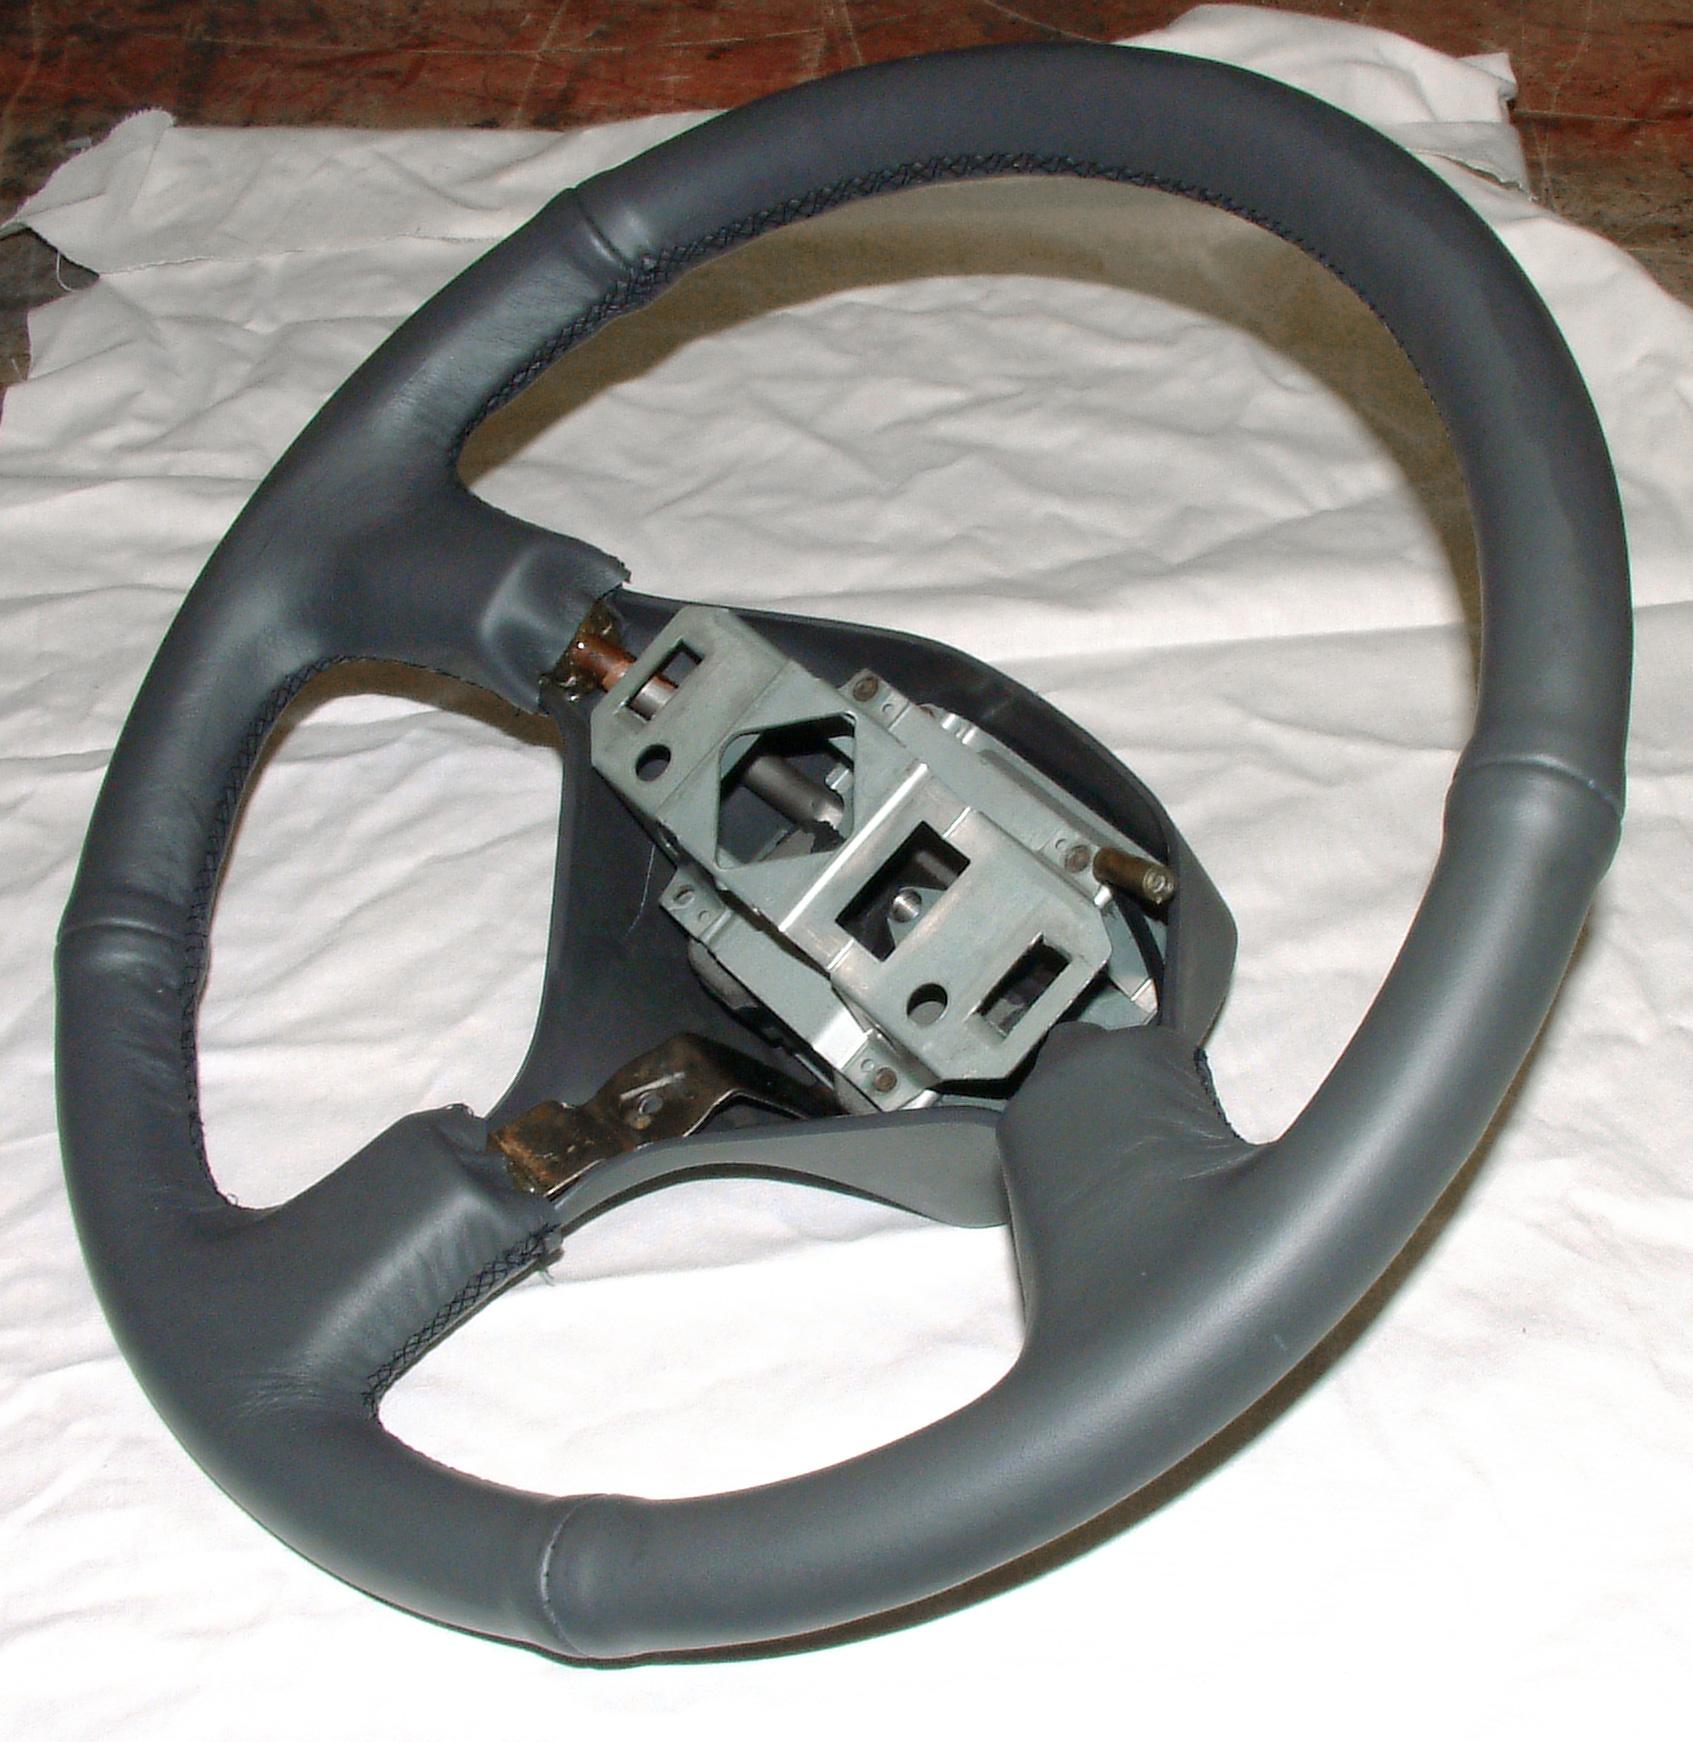 Steering+wheel+repair